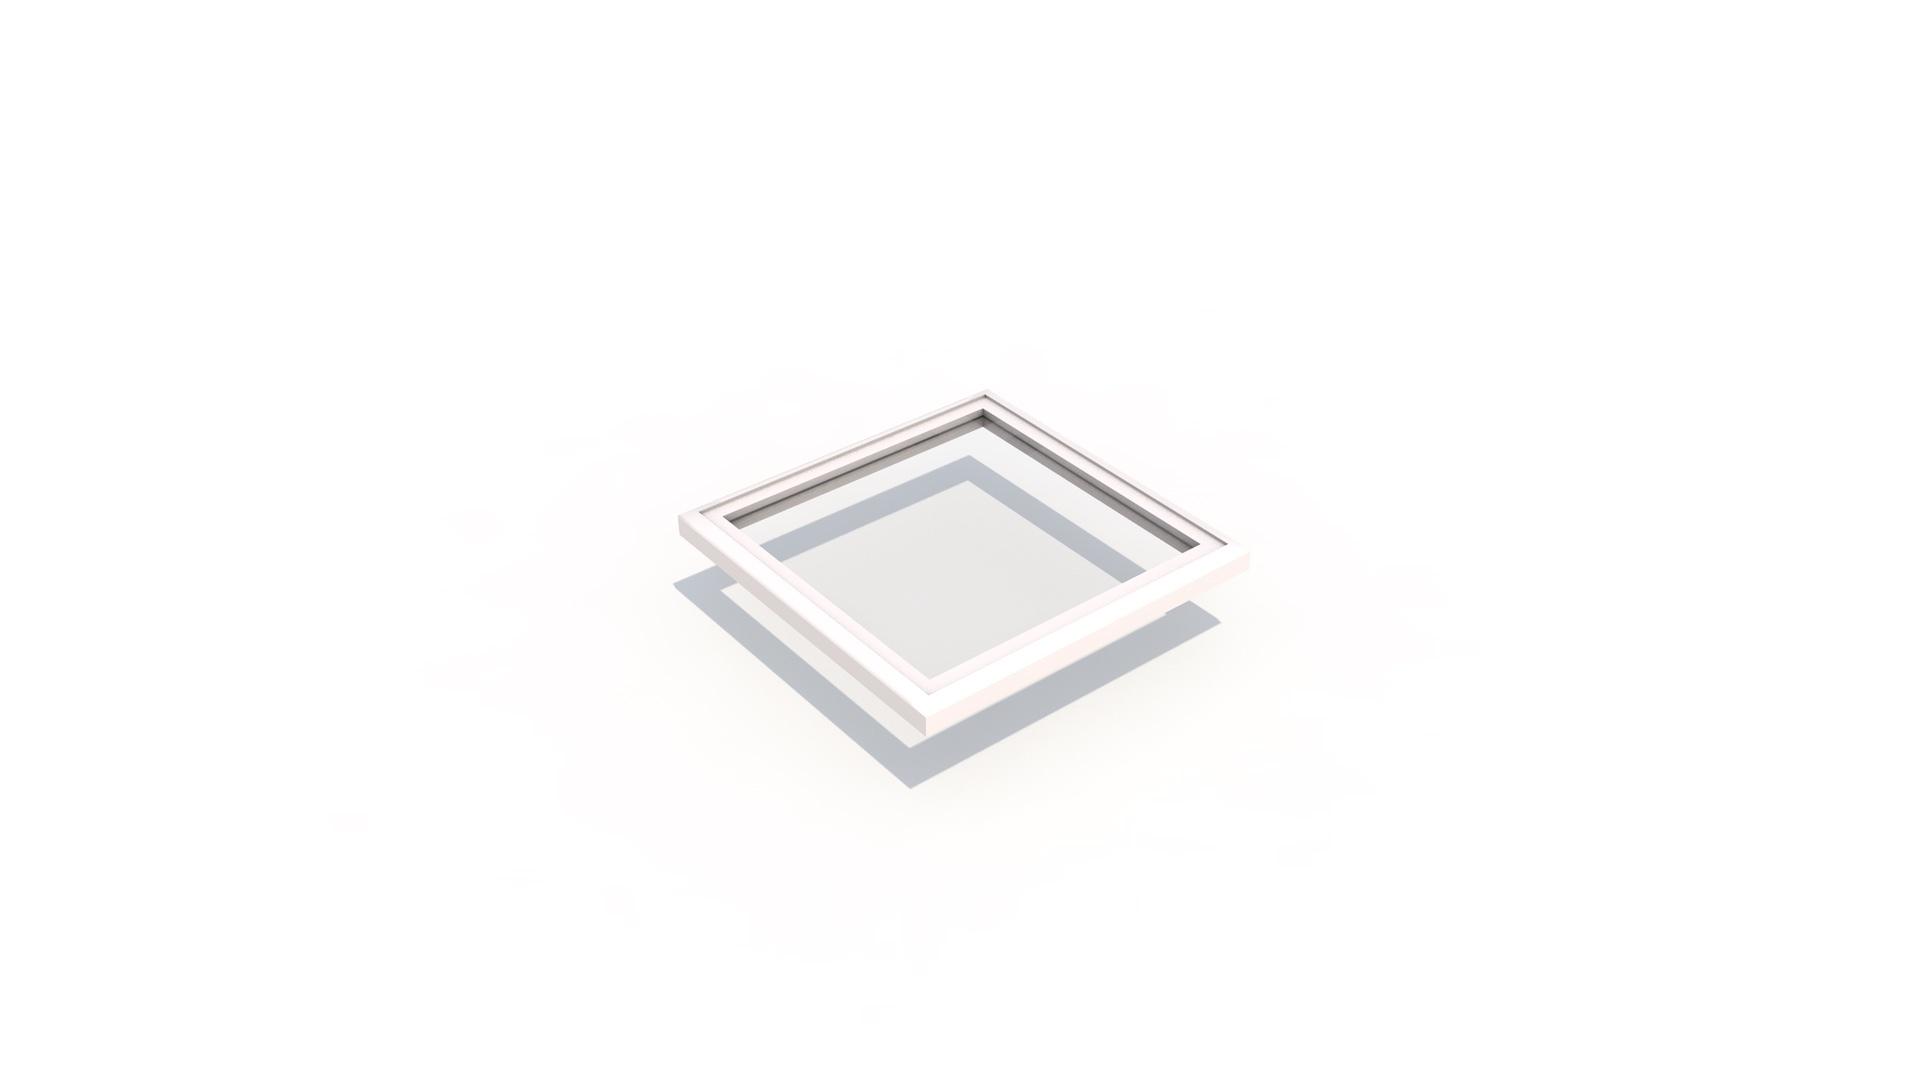 Flat 1.2m x 1.2m - Flat Skylight